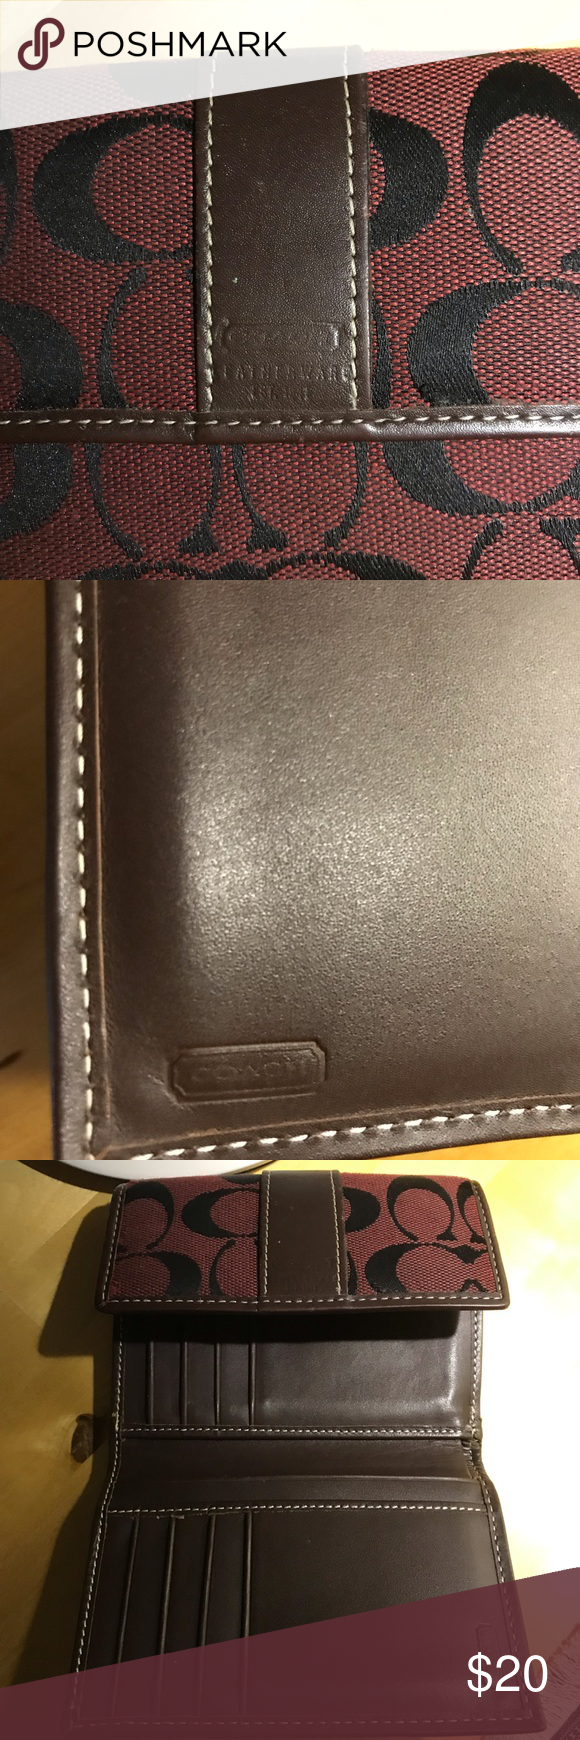 Unique Coach Wallet Euc With Images Coach Wallet